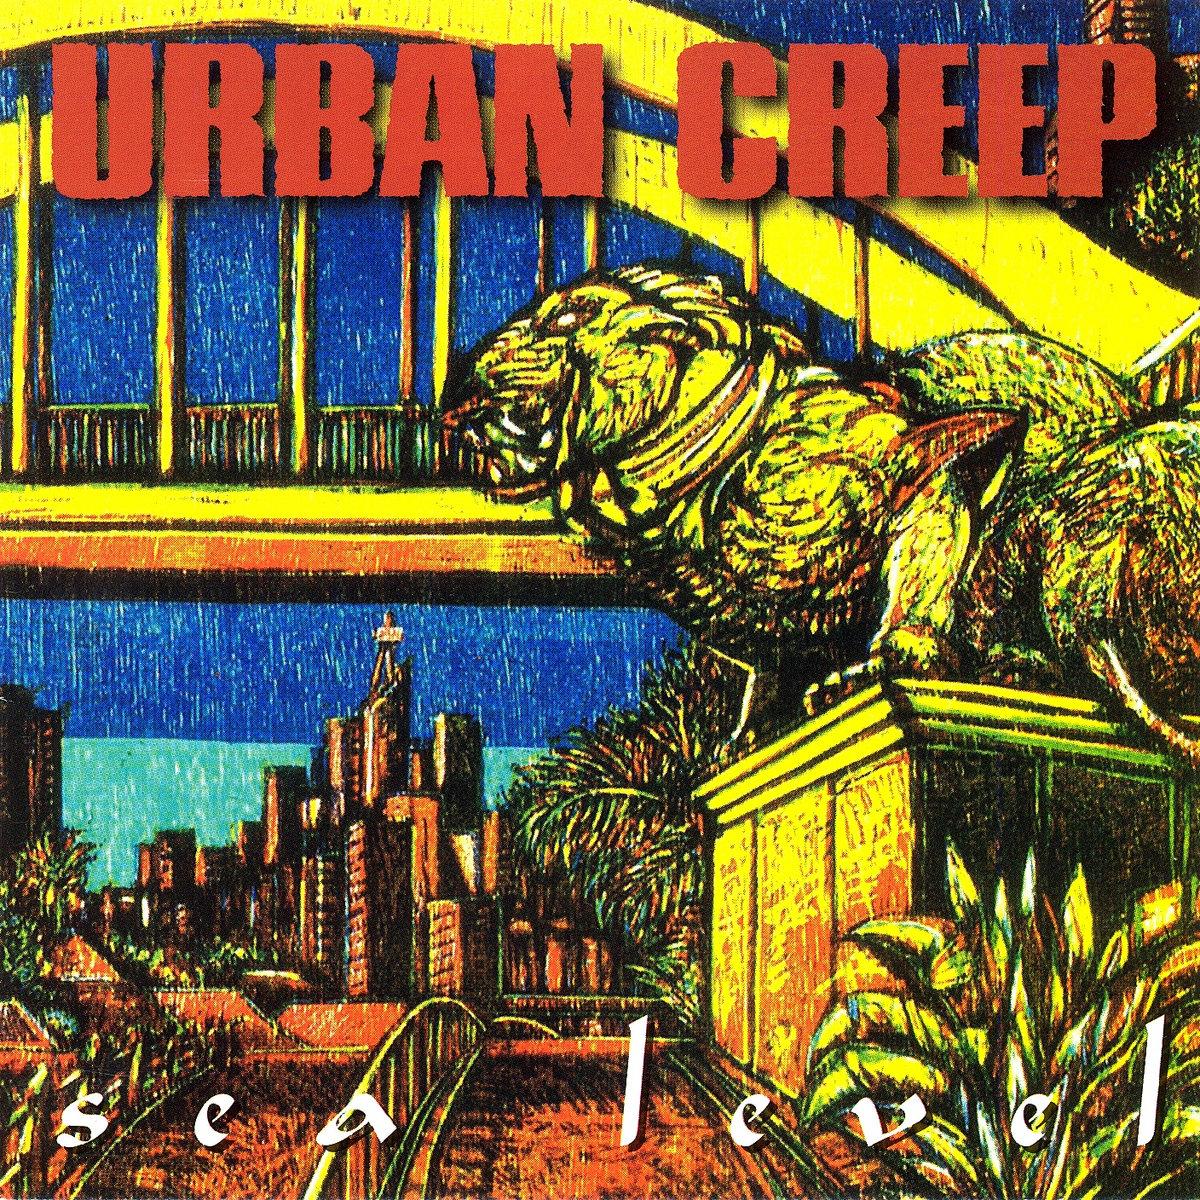 Sea Level   Urban Creep